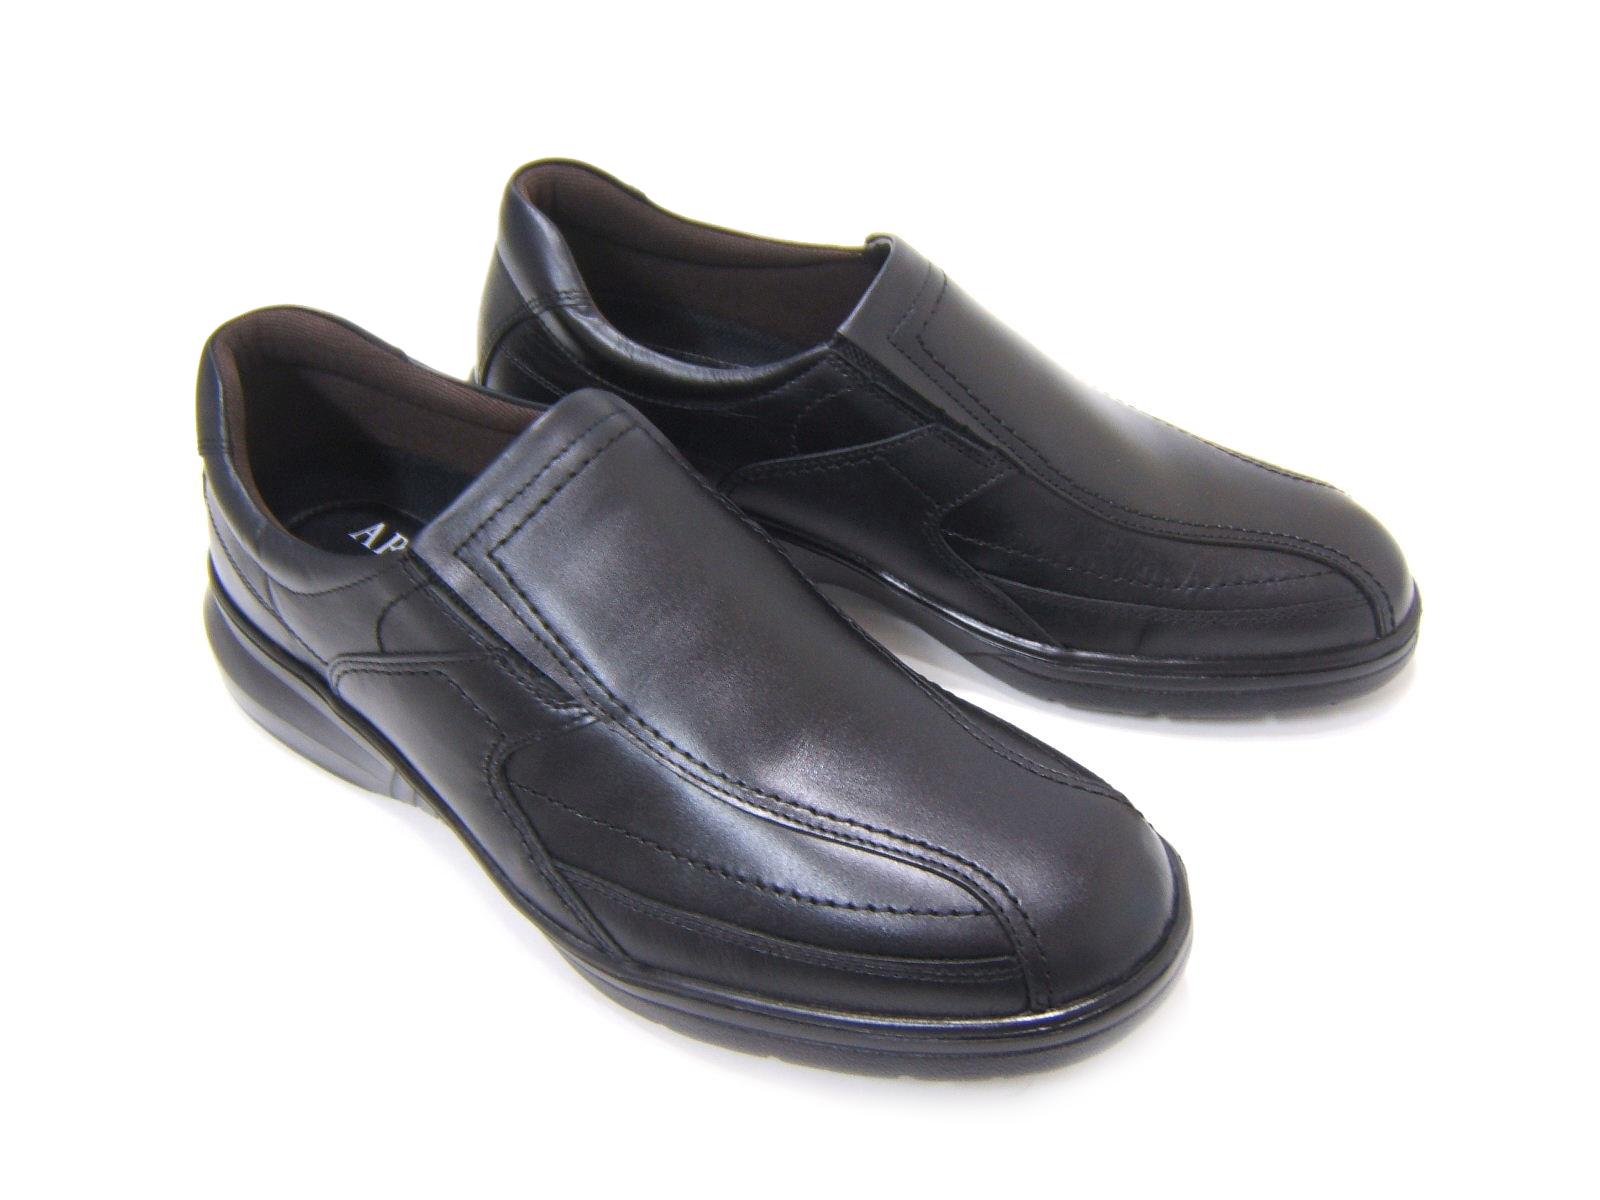 毎日履きたい至極のウォーク&ワークシューズ!ARUKURUN/アルクラン 紳士靴 スワールモカ スリップオン AR-2033 ブラック 送料無料 日本製 4Eワイズ